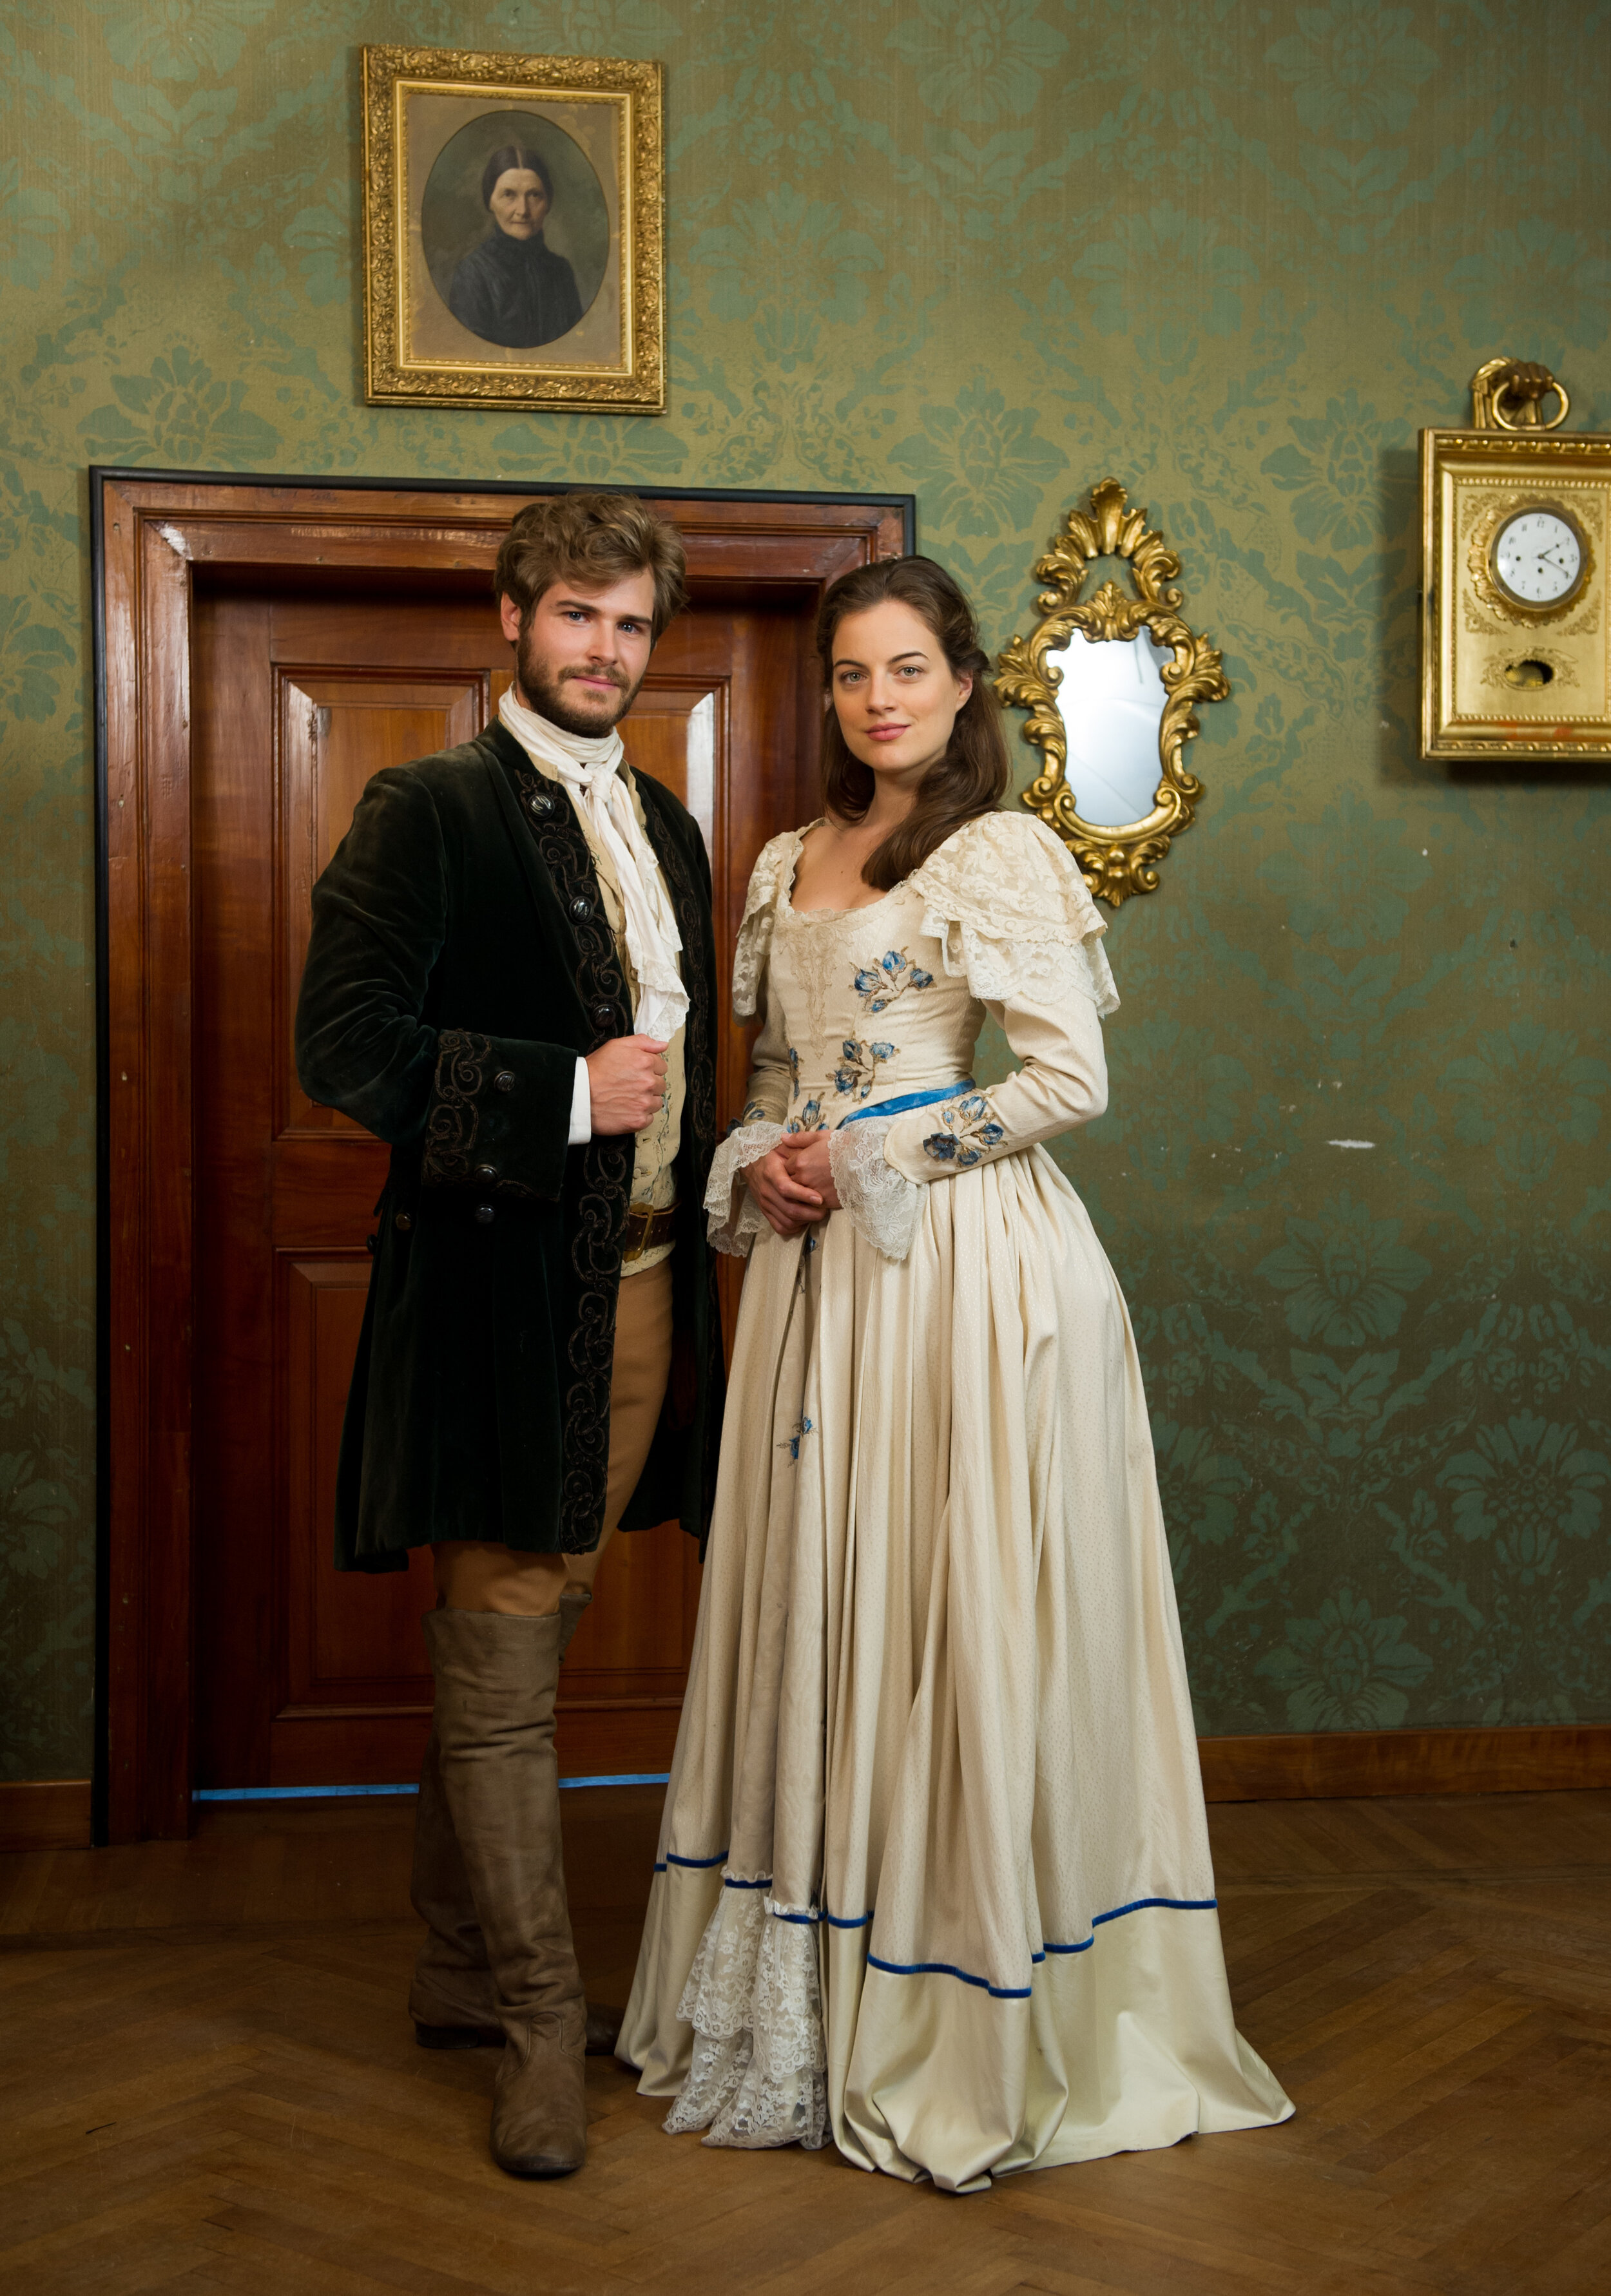 """Cleo von Adelsheim als Schauspielerin in dem Märchenfilm """"Prinzessin Maleen"""" an der Seite von Peter Foyse.  © dpa"""